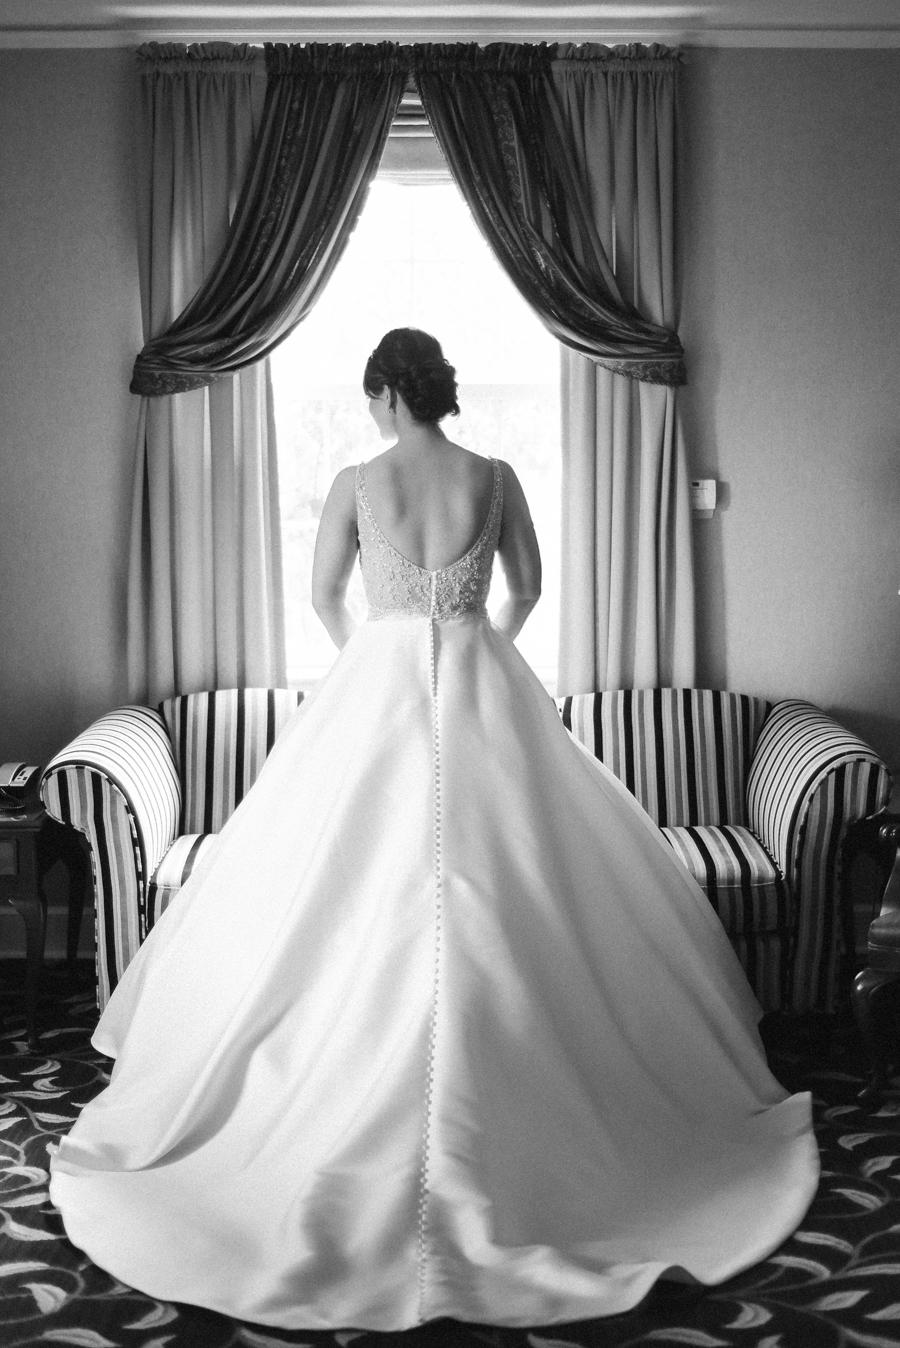 Dearborn_Inn_Wedding_Photos-13.jpg